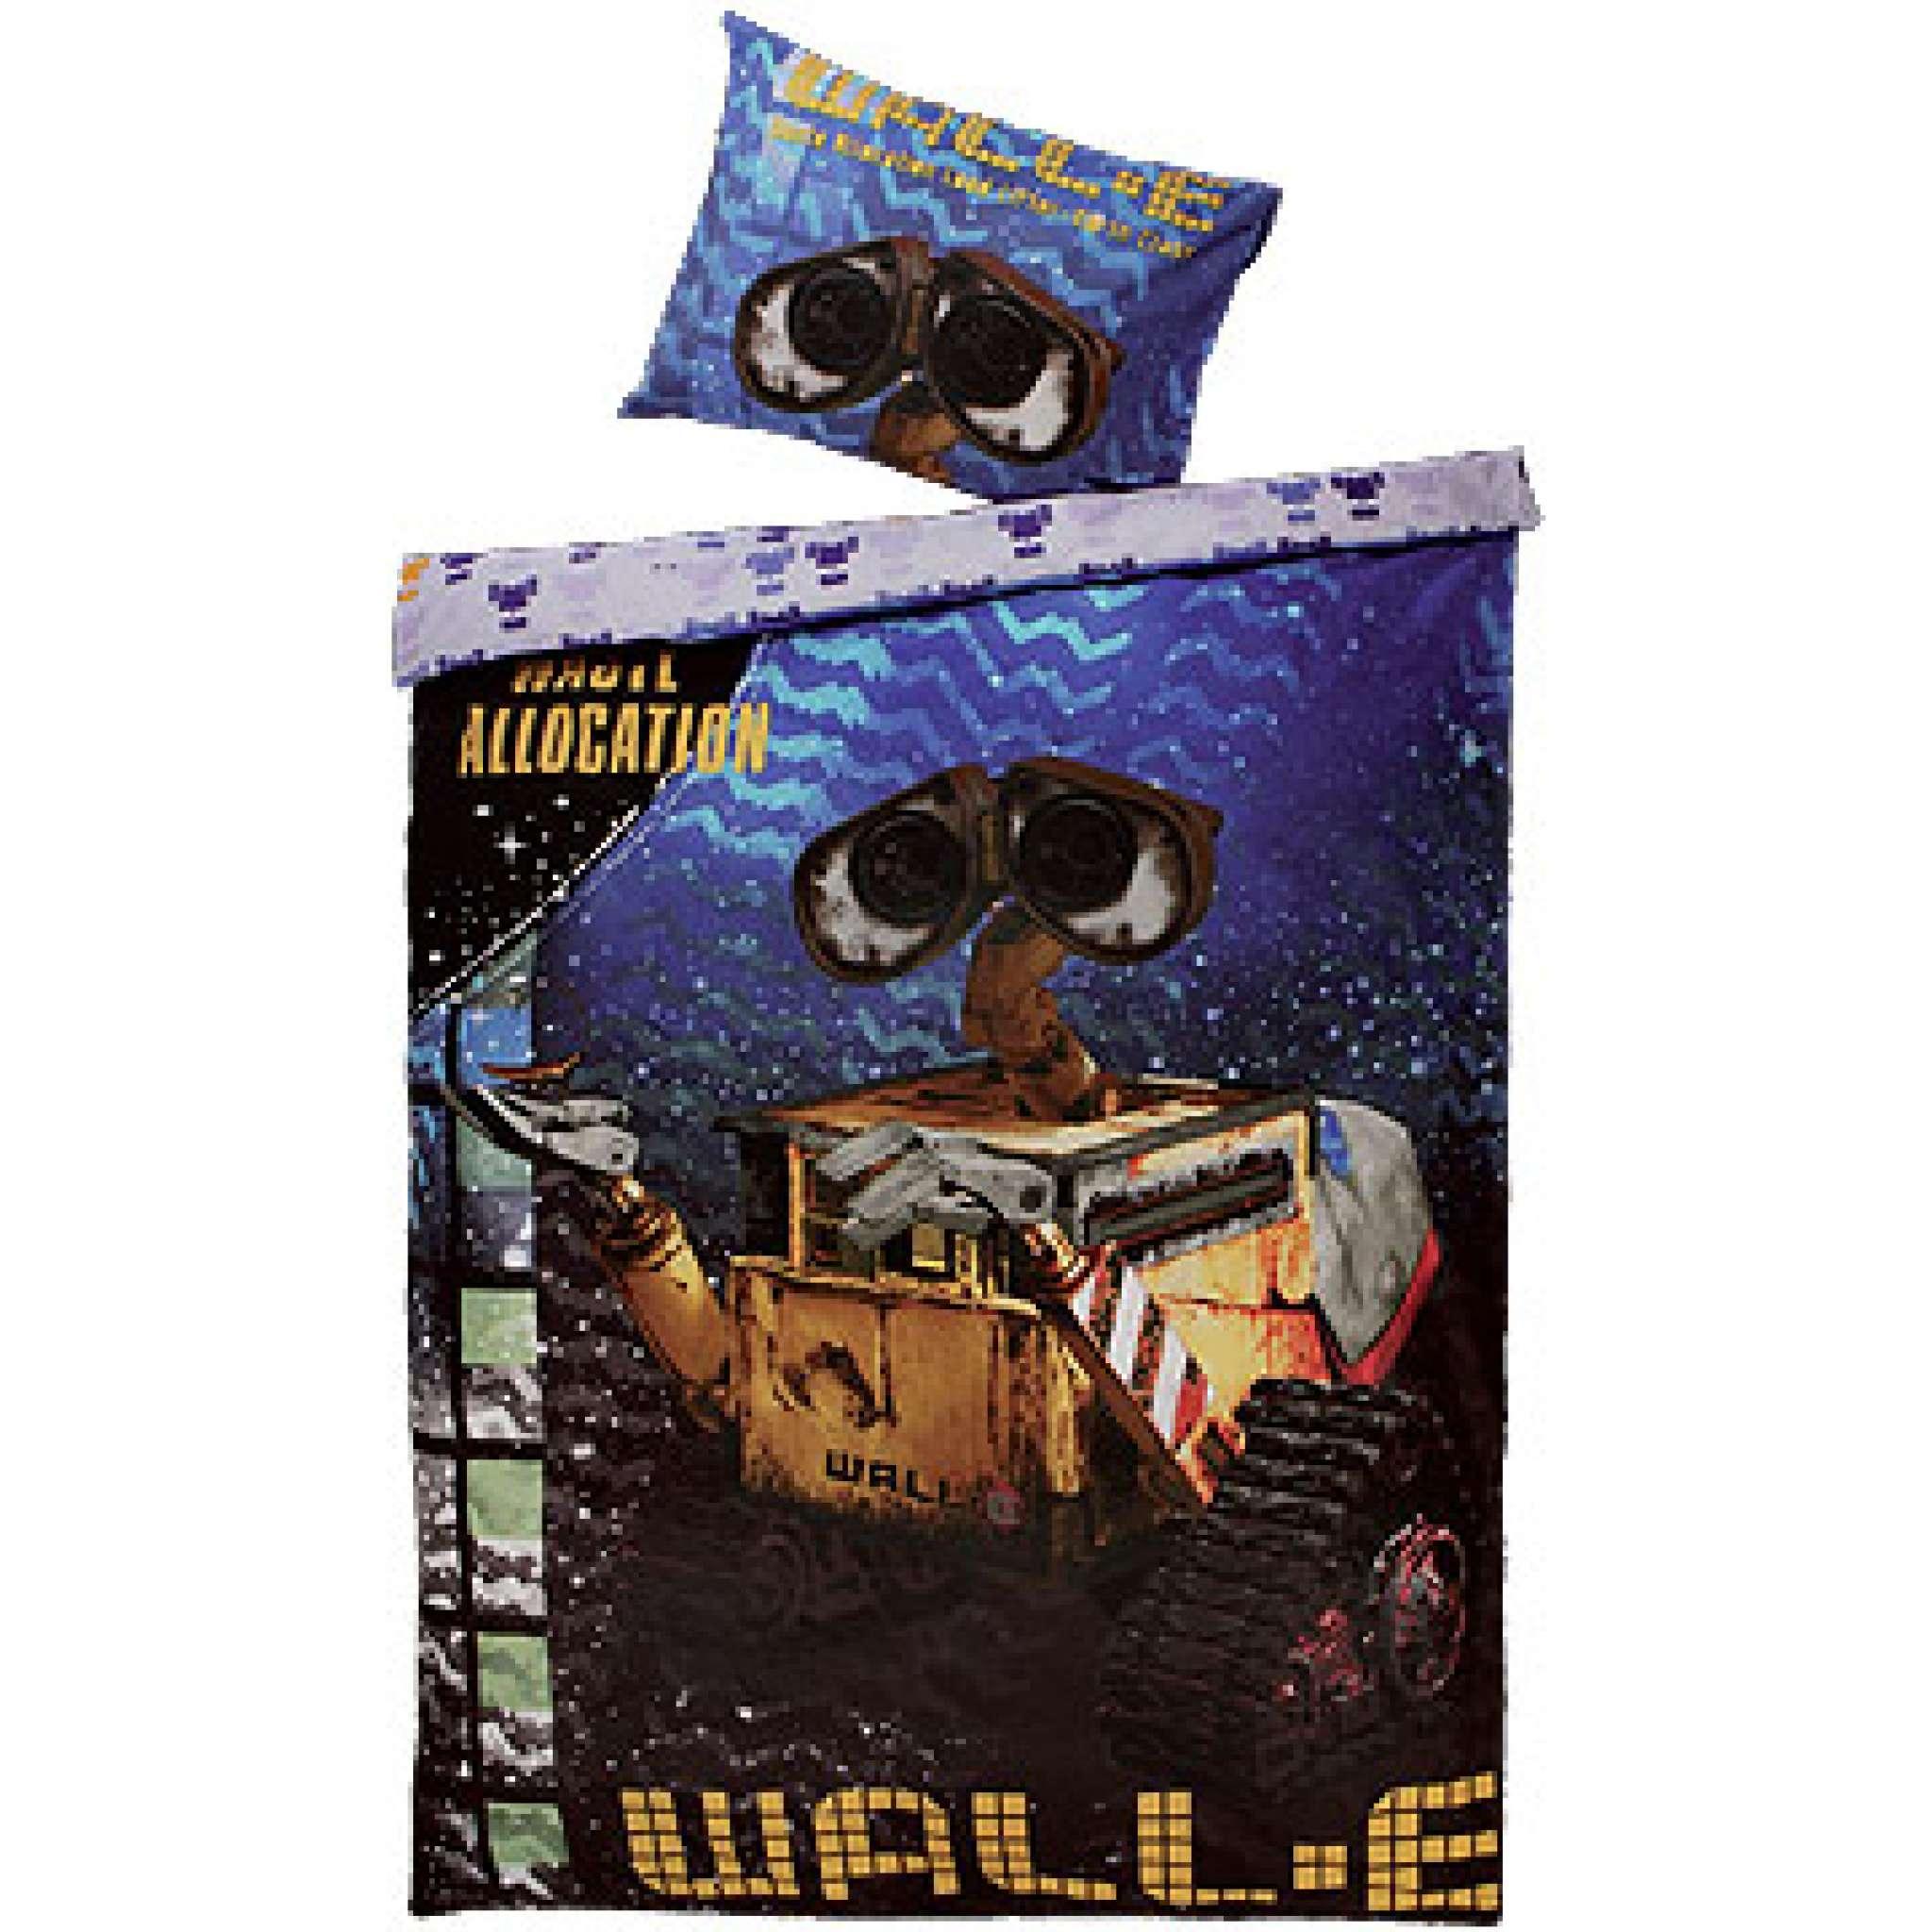 Bettwäsche, Wall-E 140x200 cm